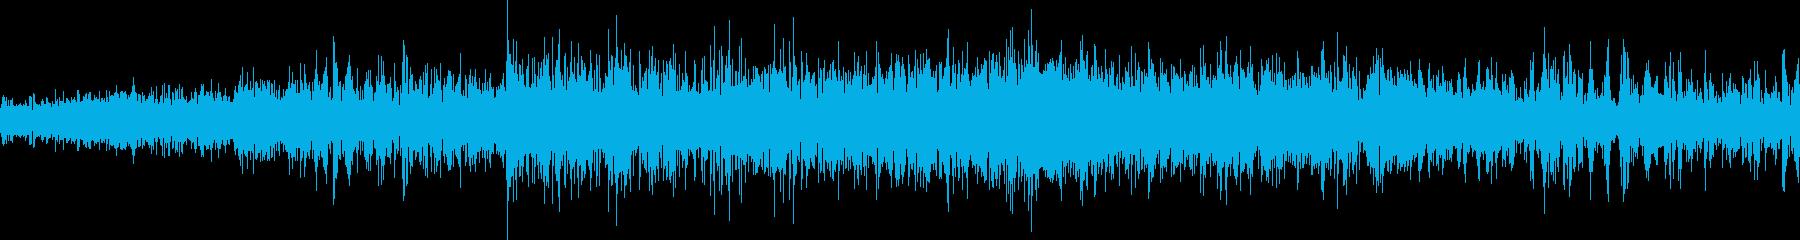 大きな塊を噛むごみ処理の再生済みの波形